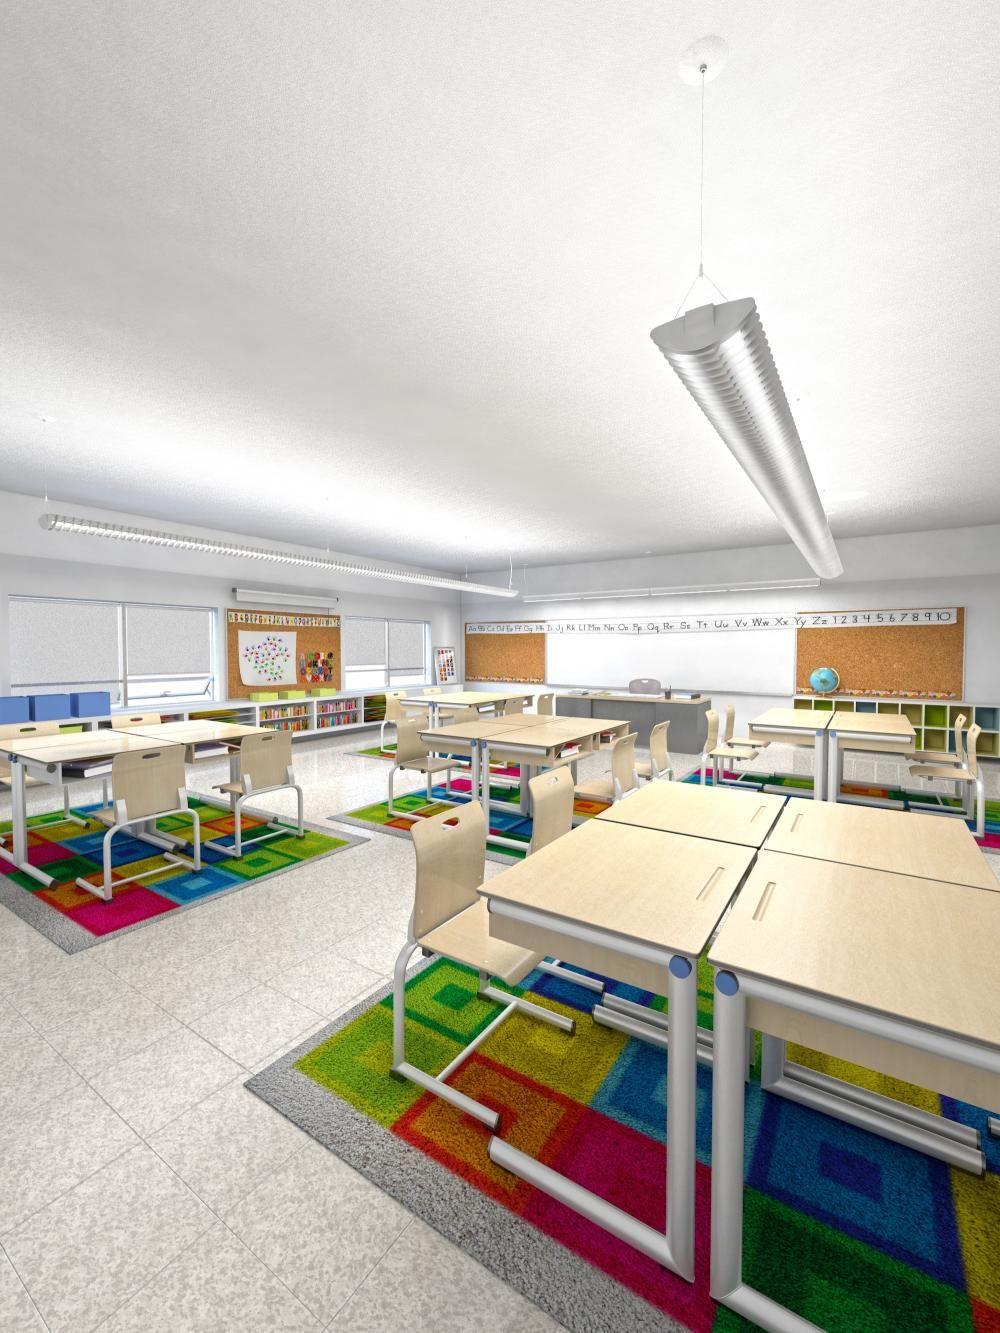 Inside Endoscopy Room: Http://www.metalumen.com